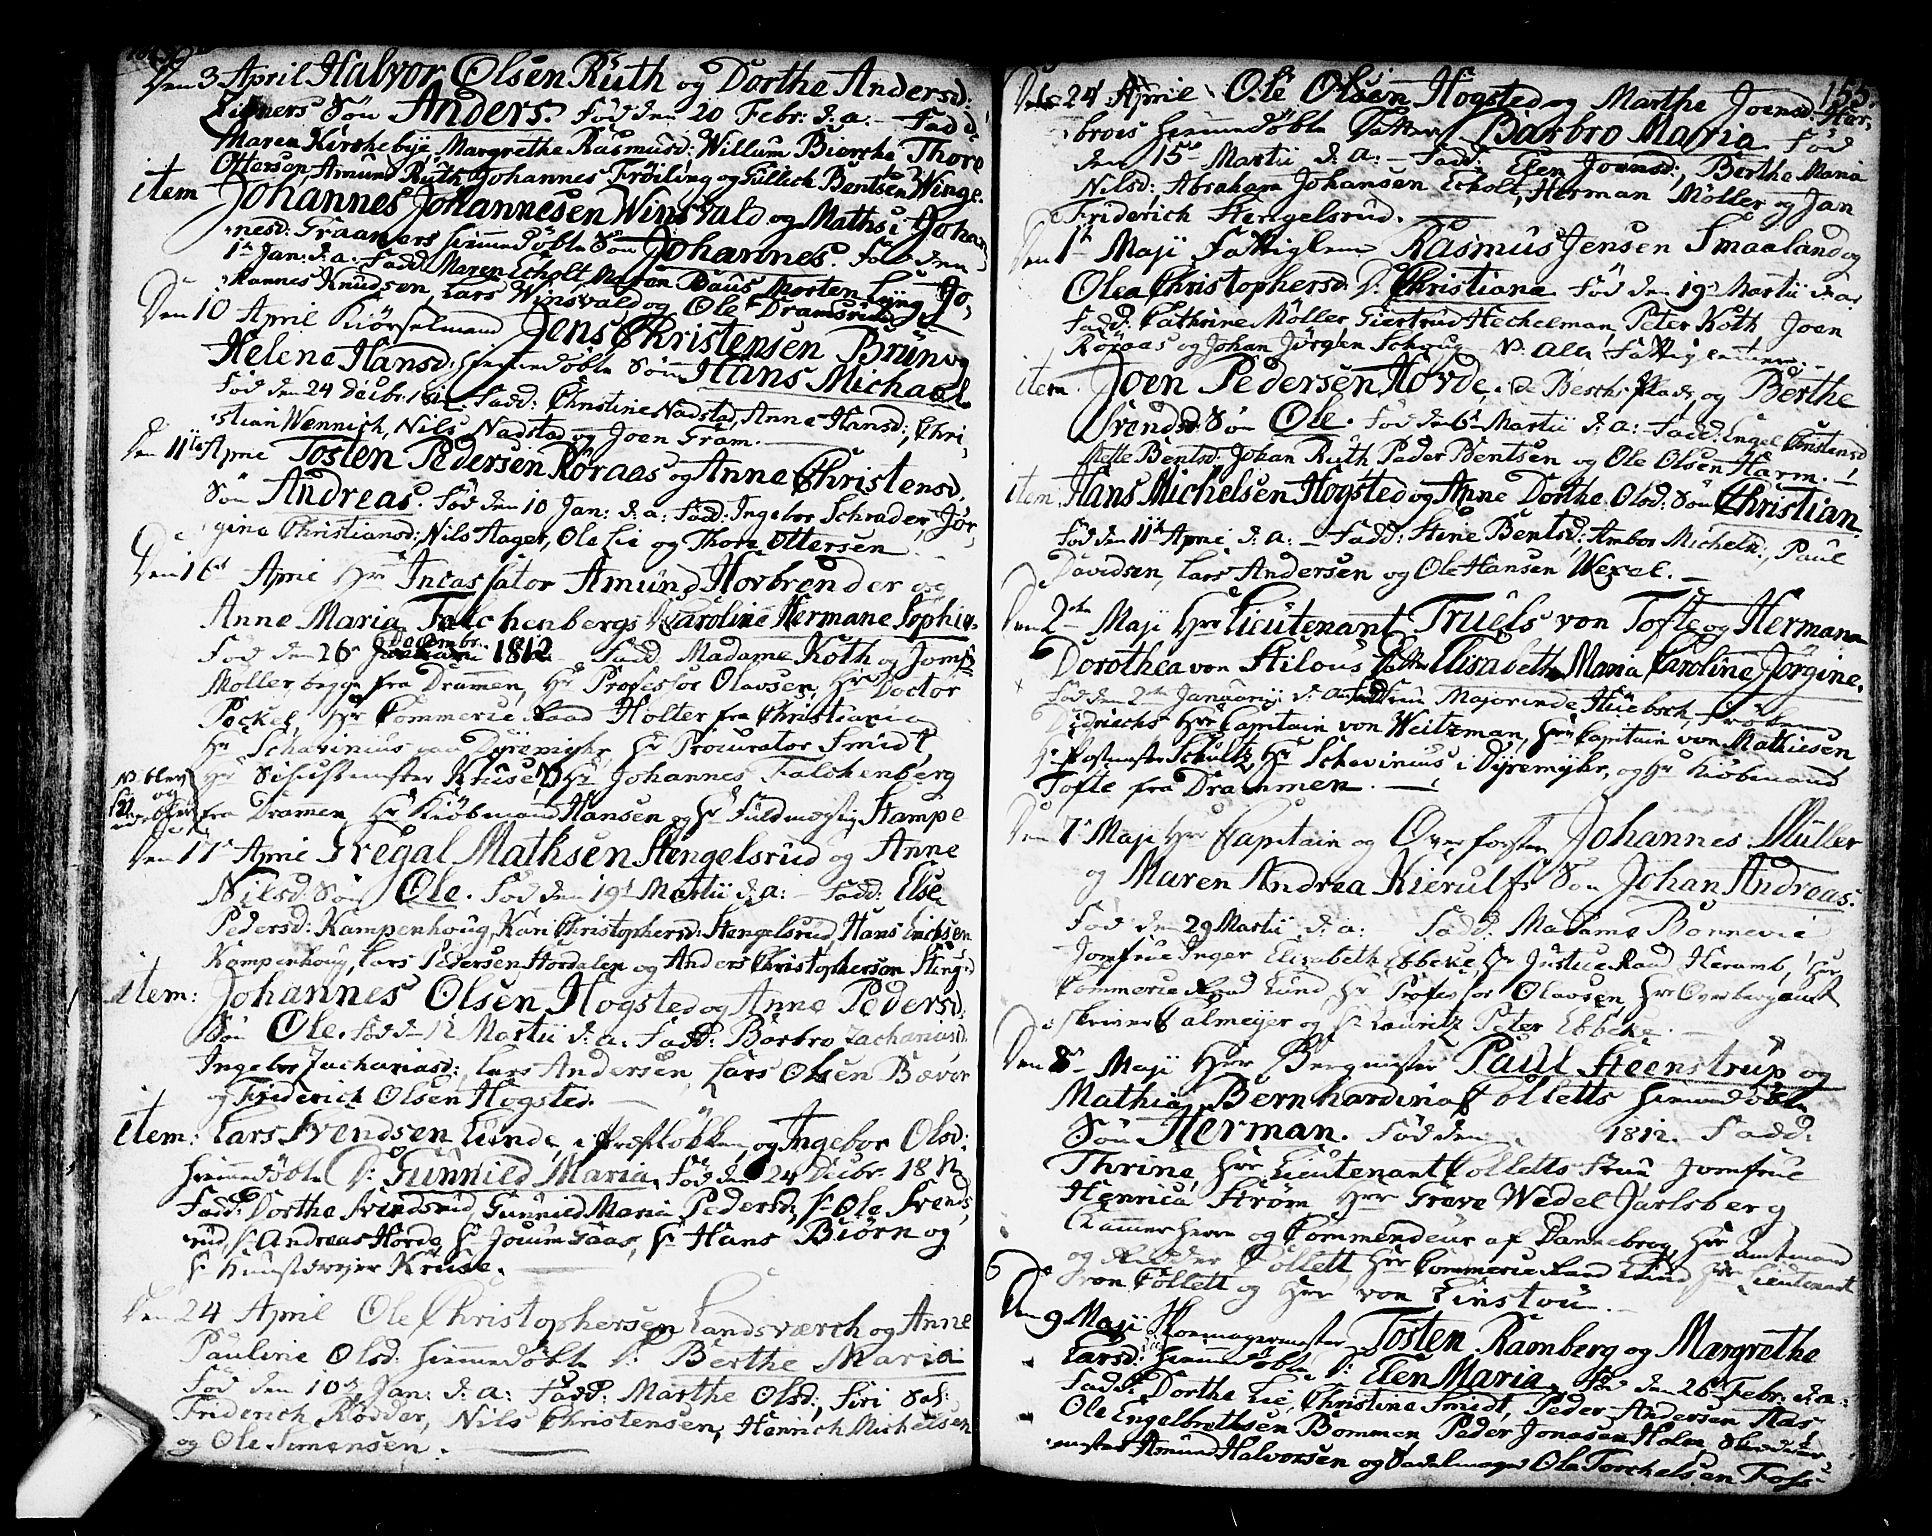 SAKO, Kongsberg kirkebøker, F/Fa/L0007: Ministerialbok nr. I 7, 1795-1816, s. 155